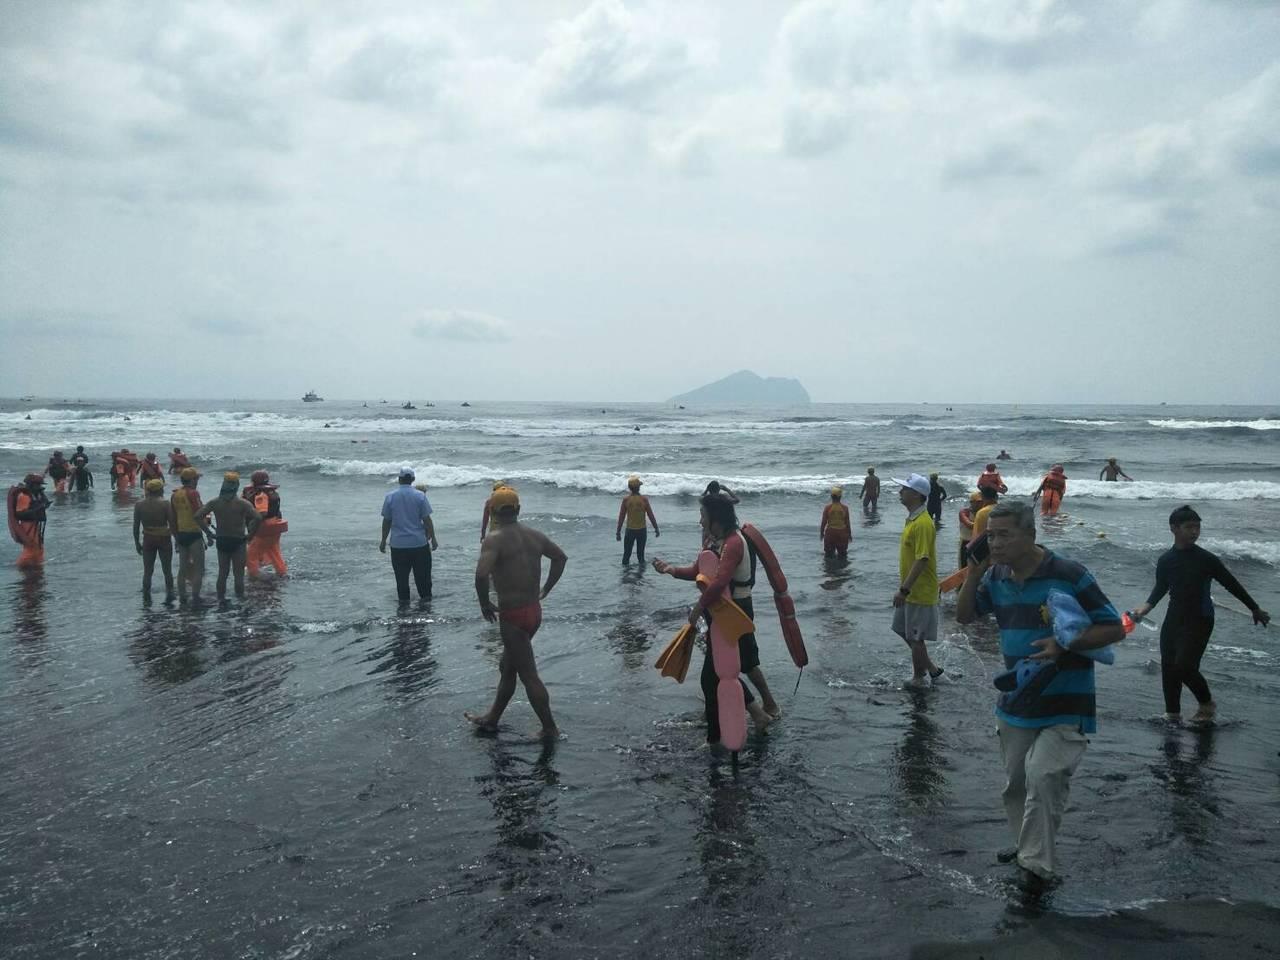 龜山島海上長泳出意外3人昏迷救回、1插管急救 活動喊停